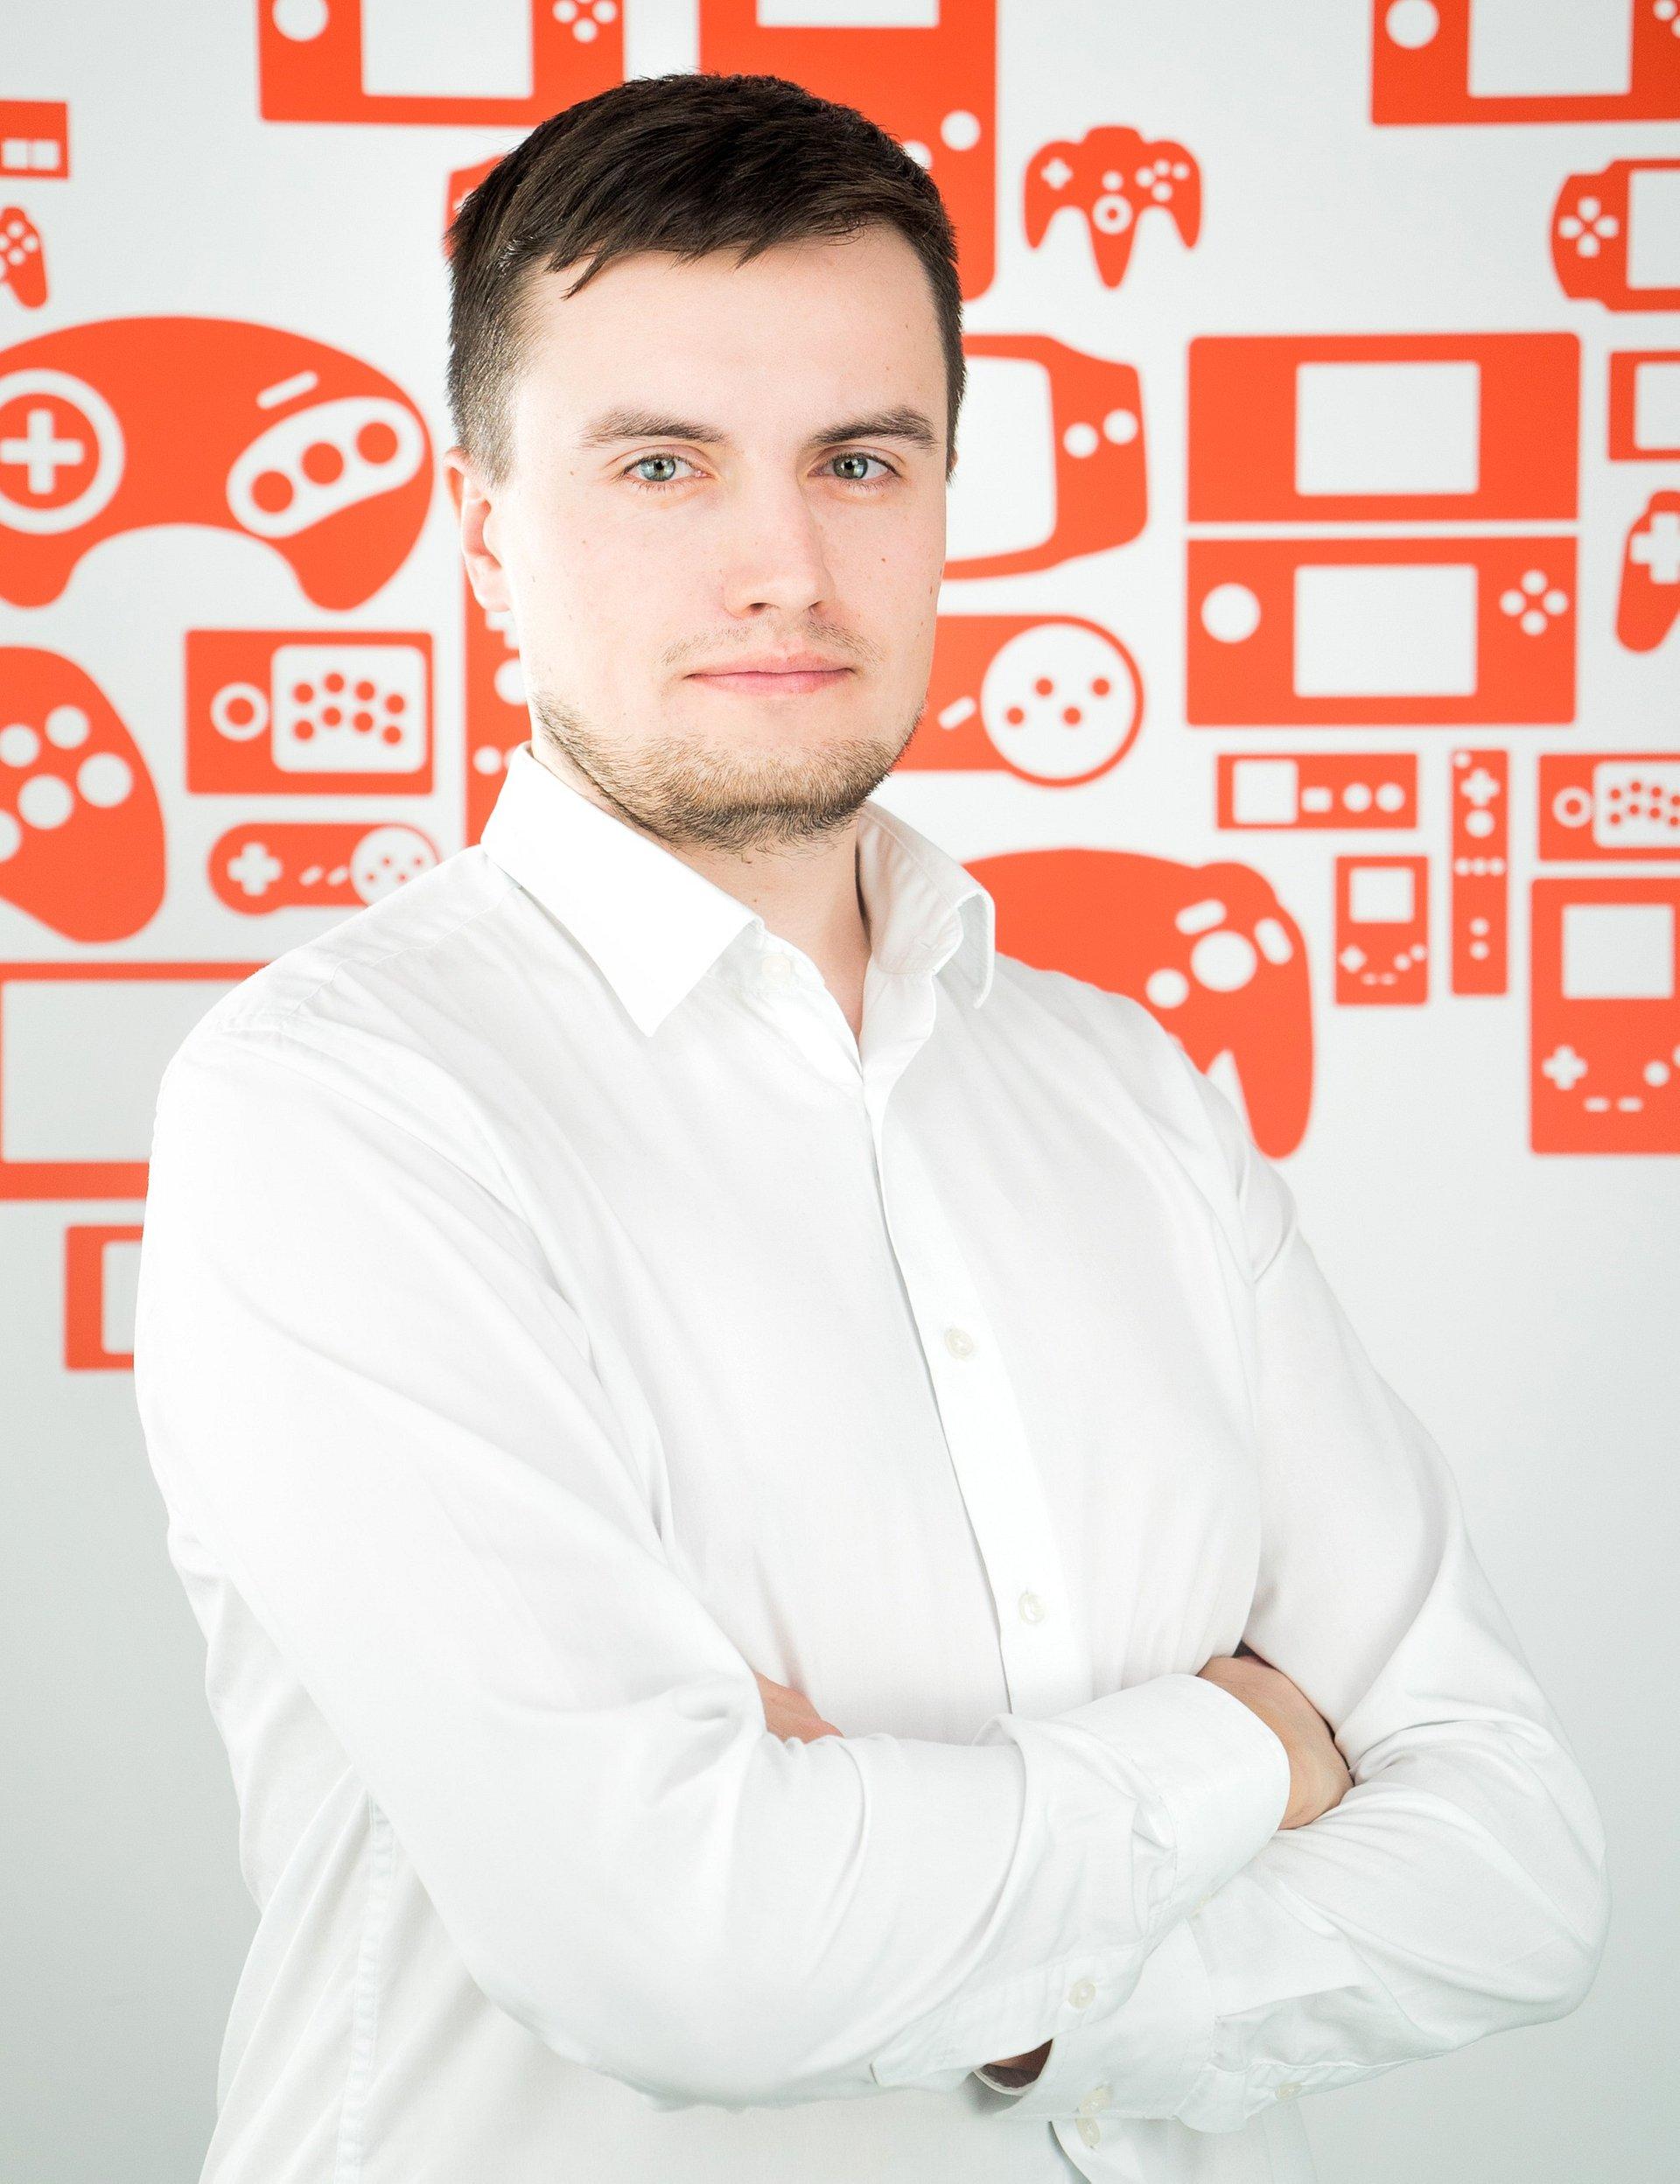 Mateusz Bachłaj awansował na stanowisko PR Specialist w WĘC Public Relations